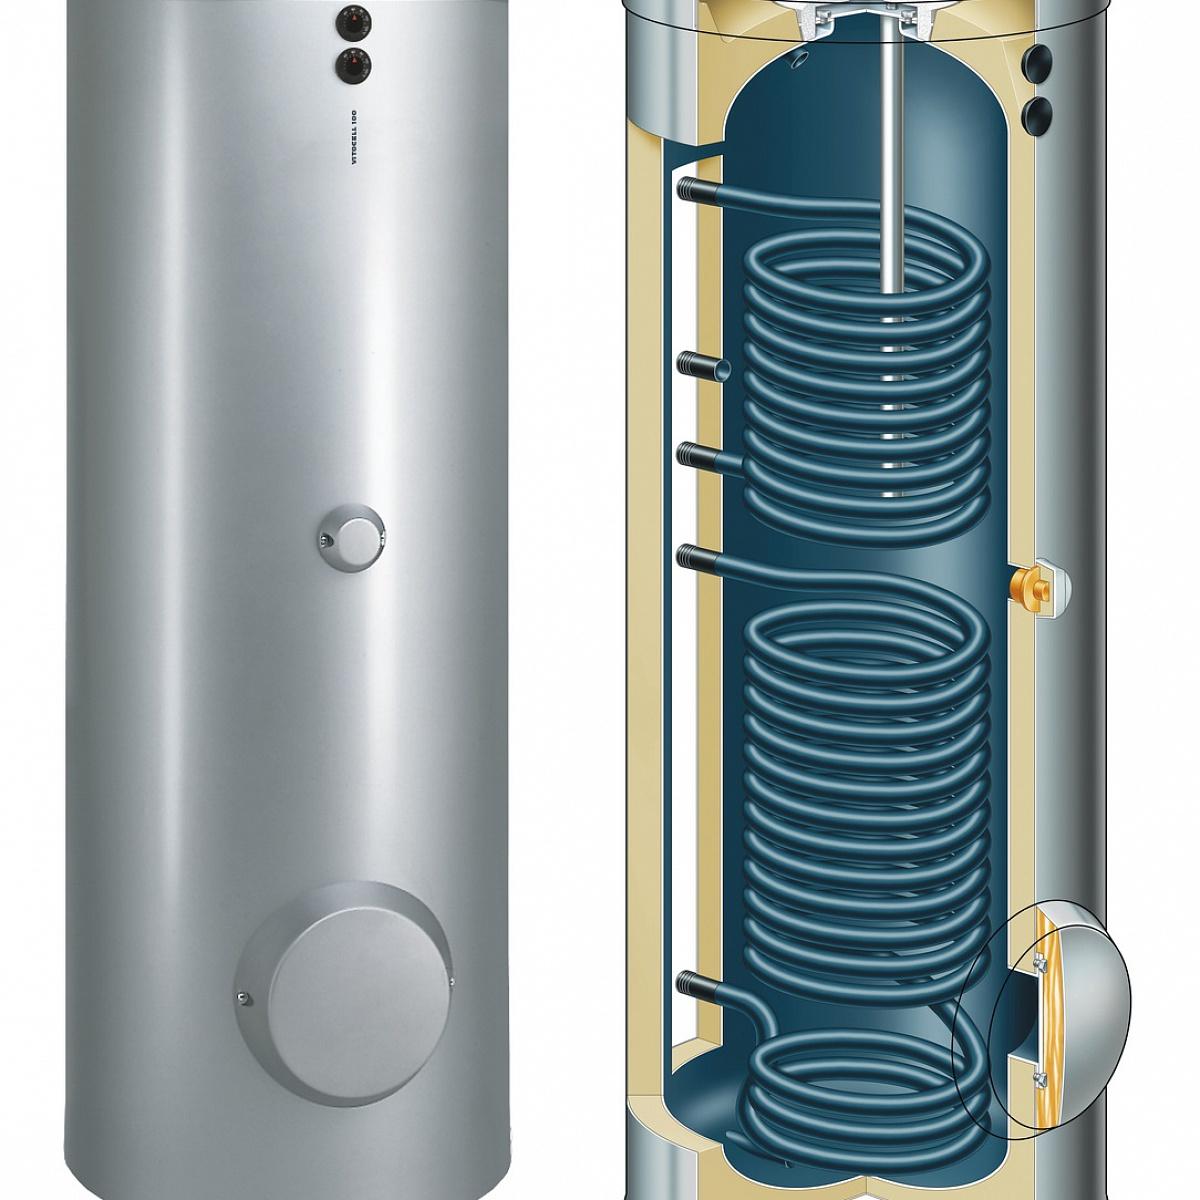 Бойлер с двумя теплообменниками фото недостатки механической очистки теплообменников